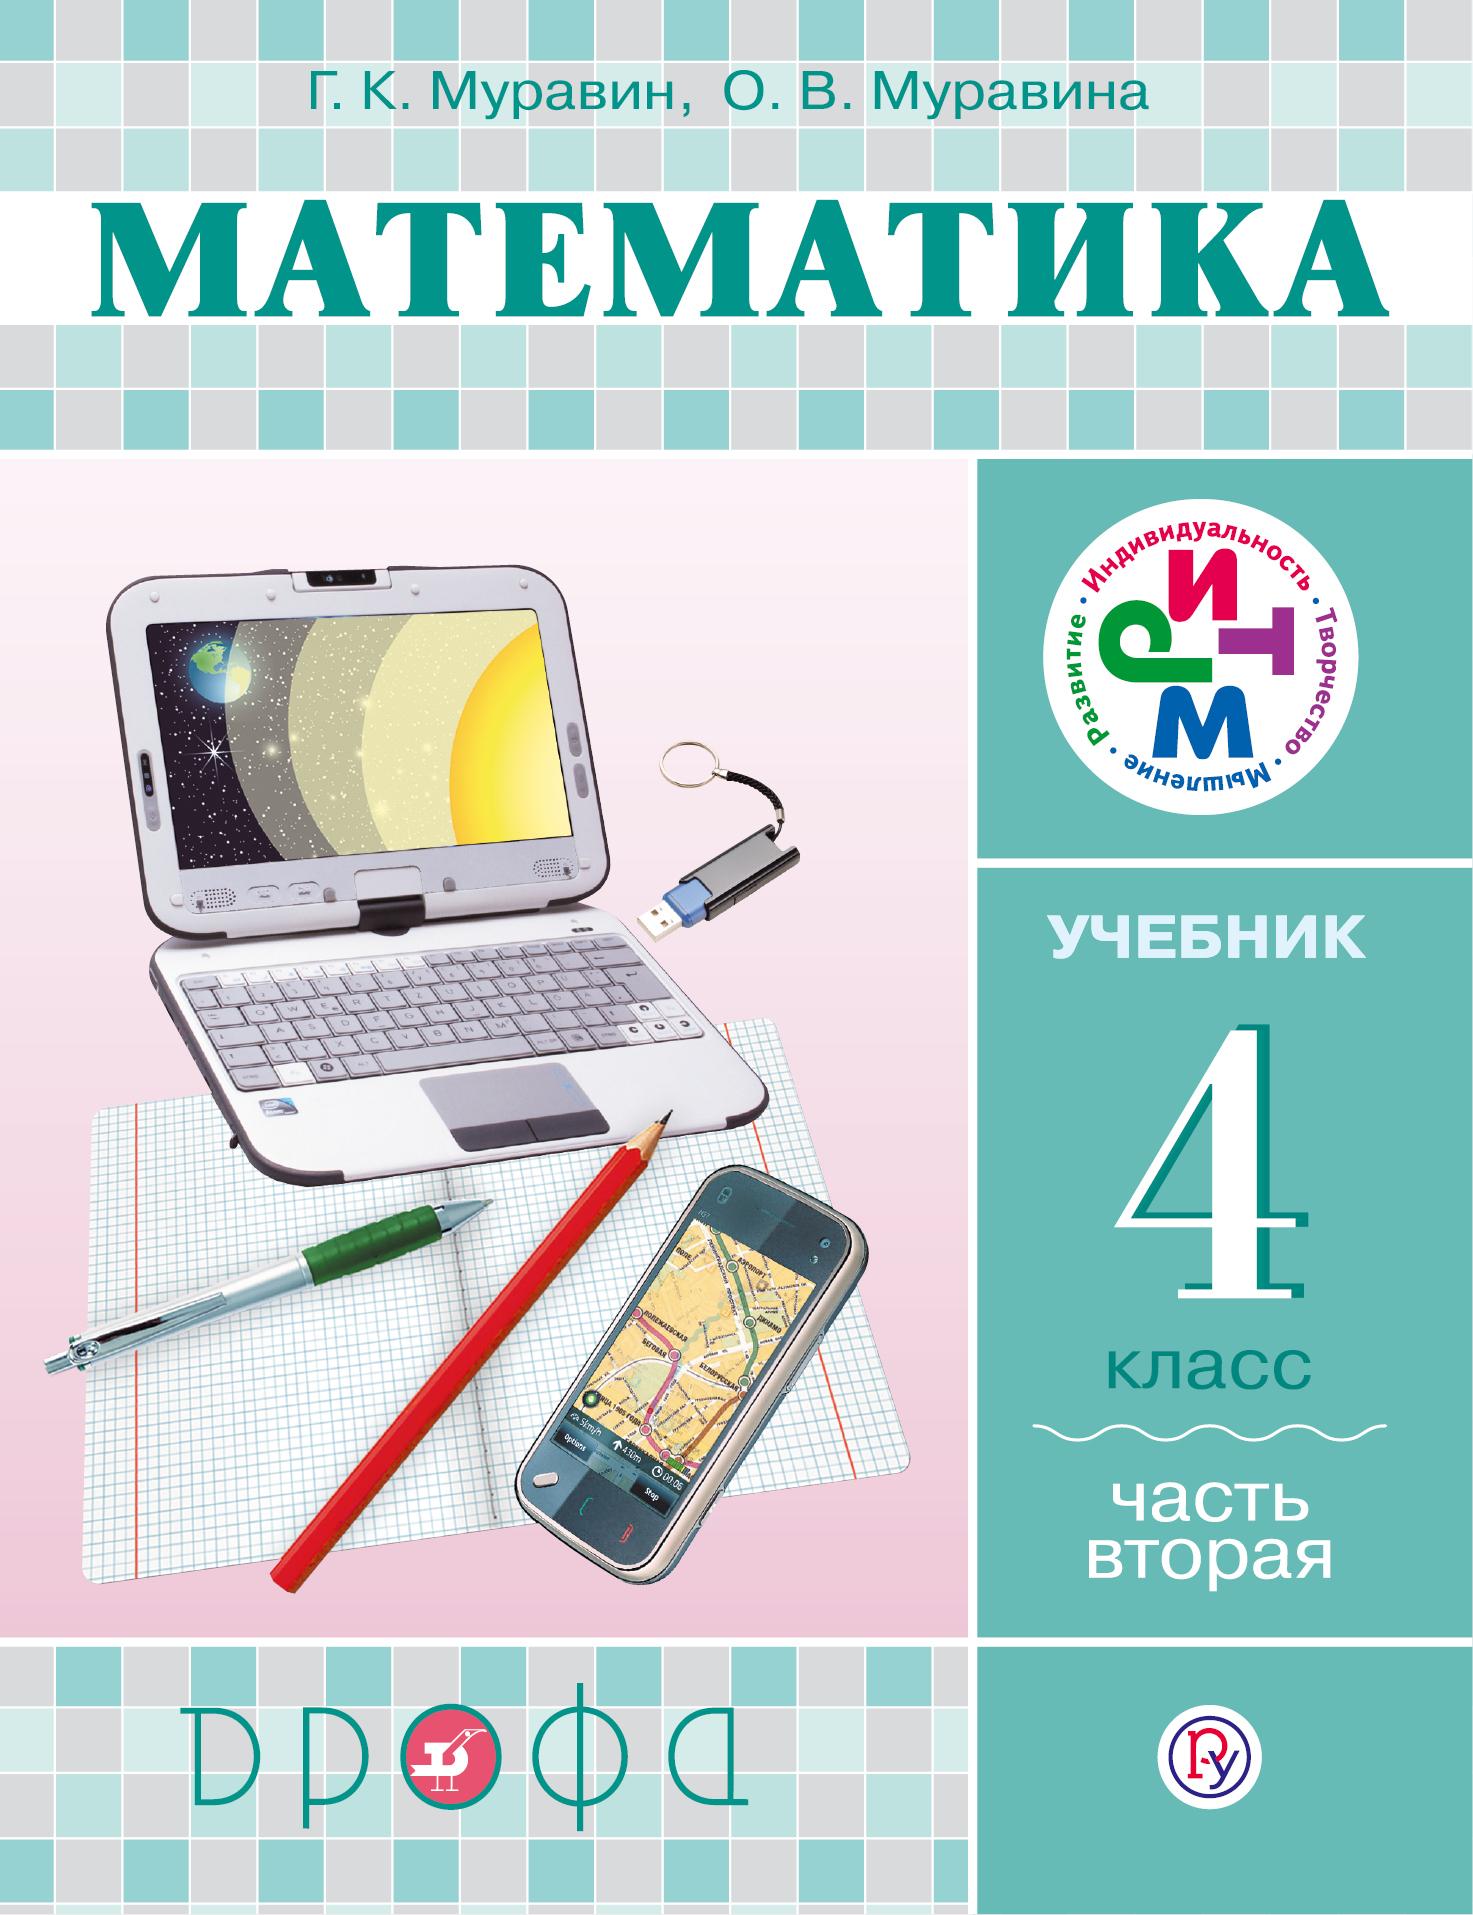 Муравин Г.К., Муравина О.В. Математика. 4 класс. Учебник. Часть 2 кусачки кутикульные длина 10 см лезвий 6 мм матовые pn 2 6 d 6mm